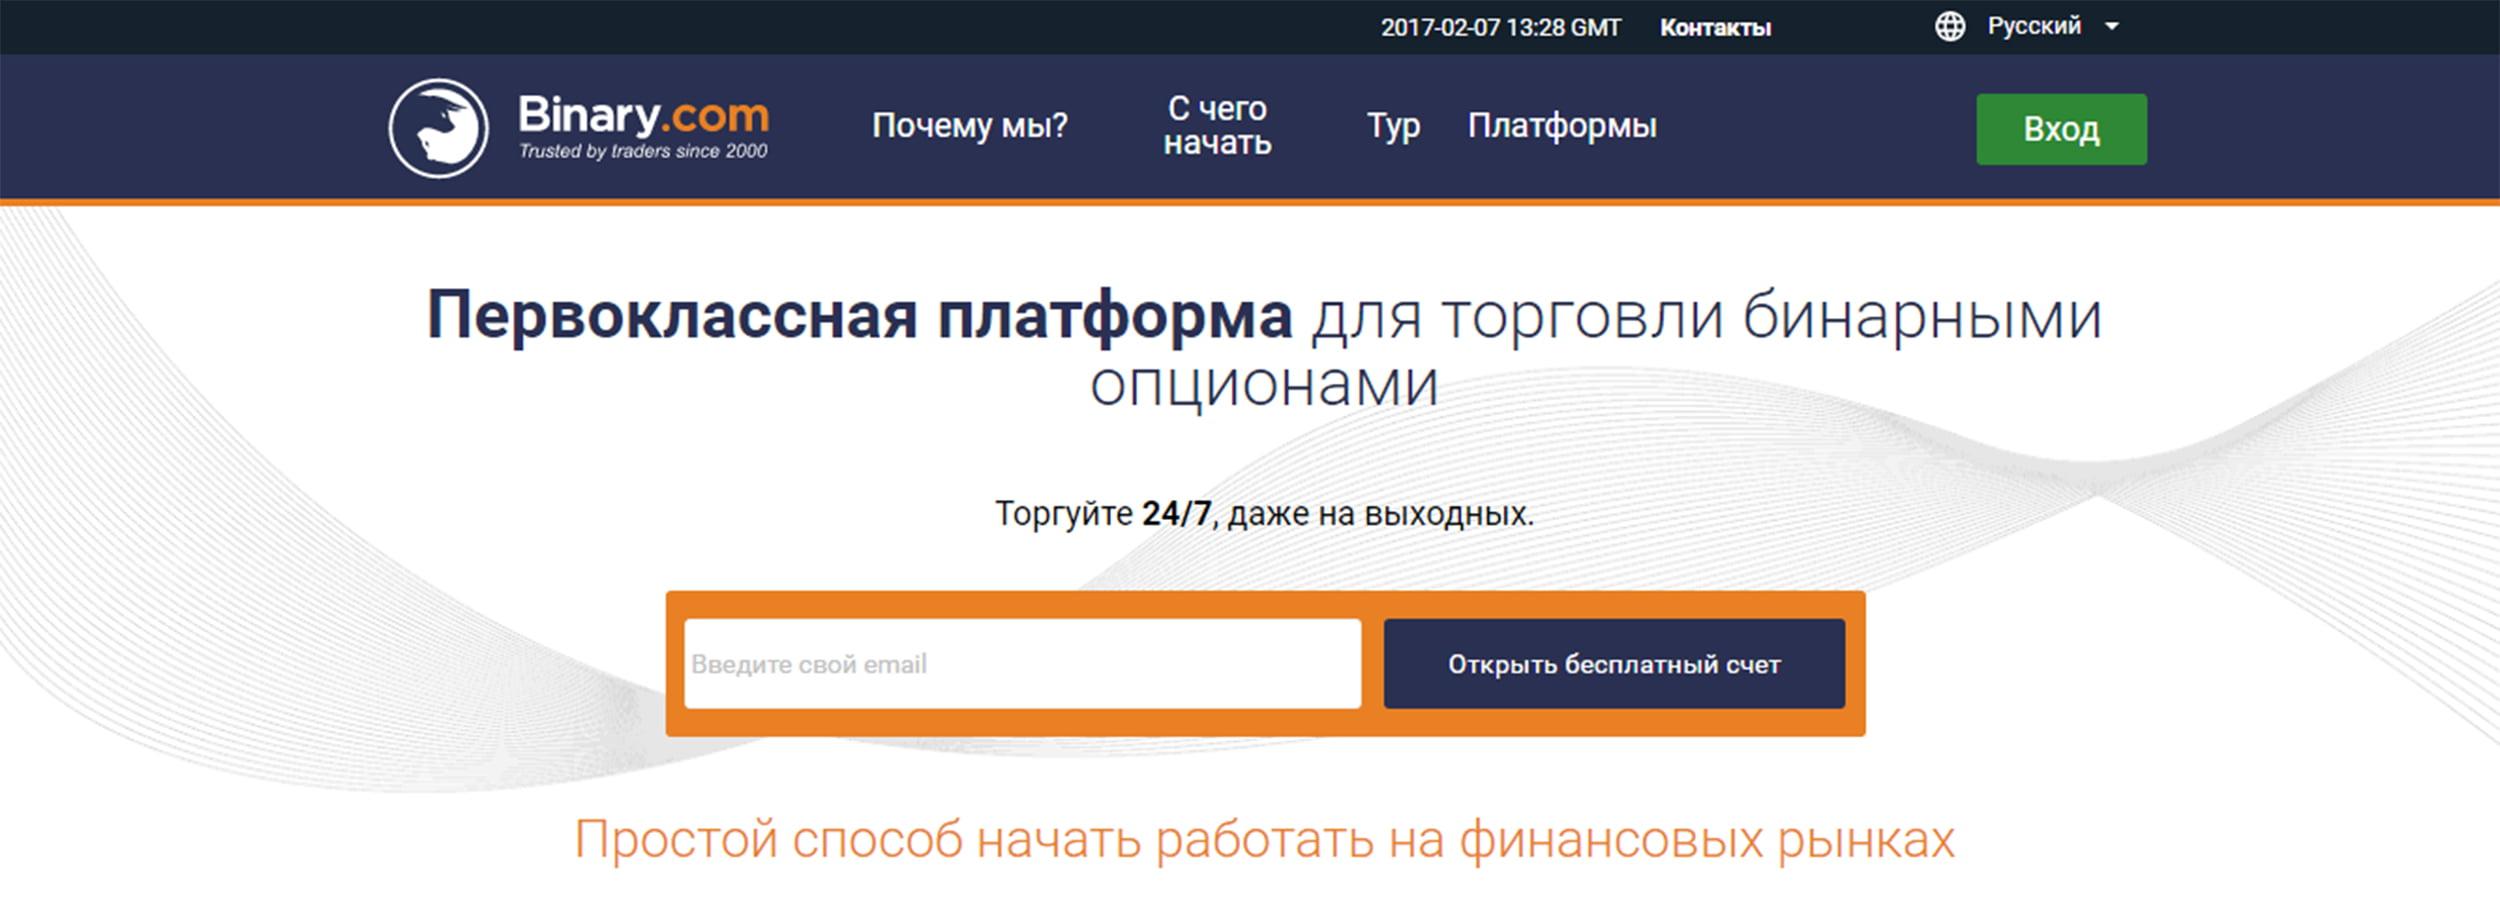 Официальный сайт компании binary.com